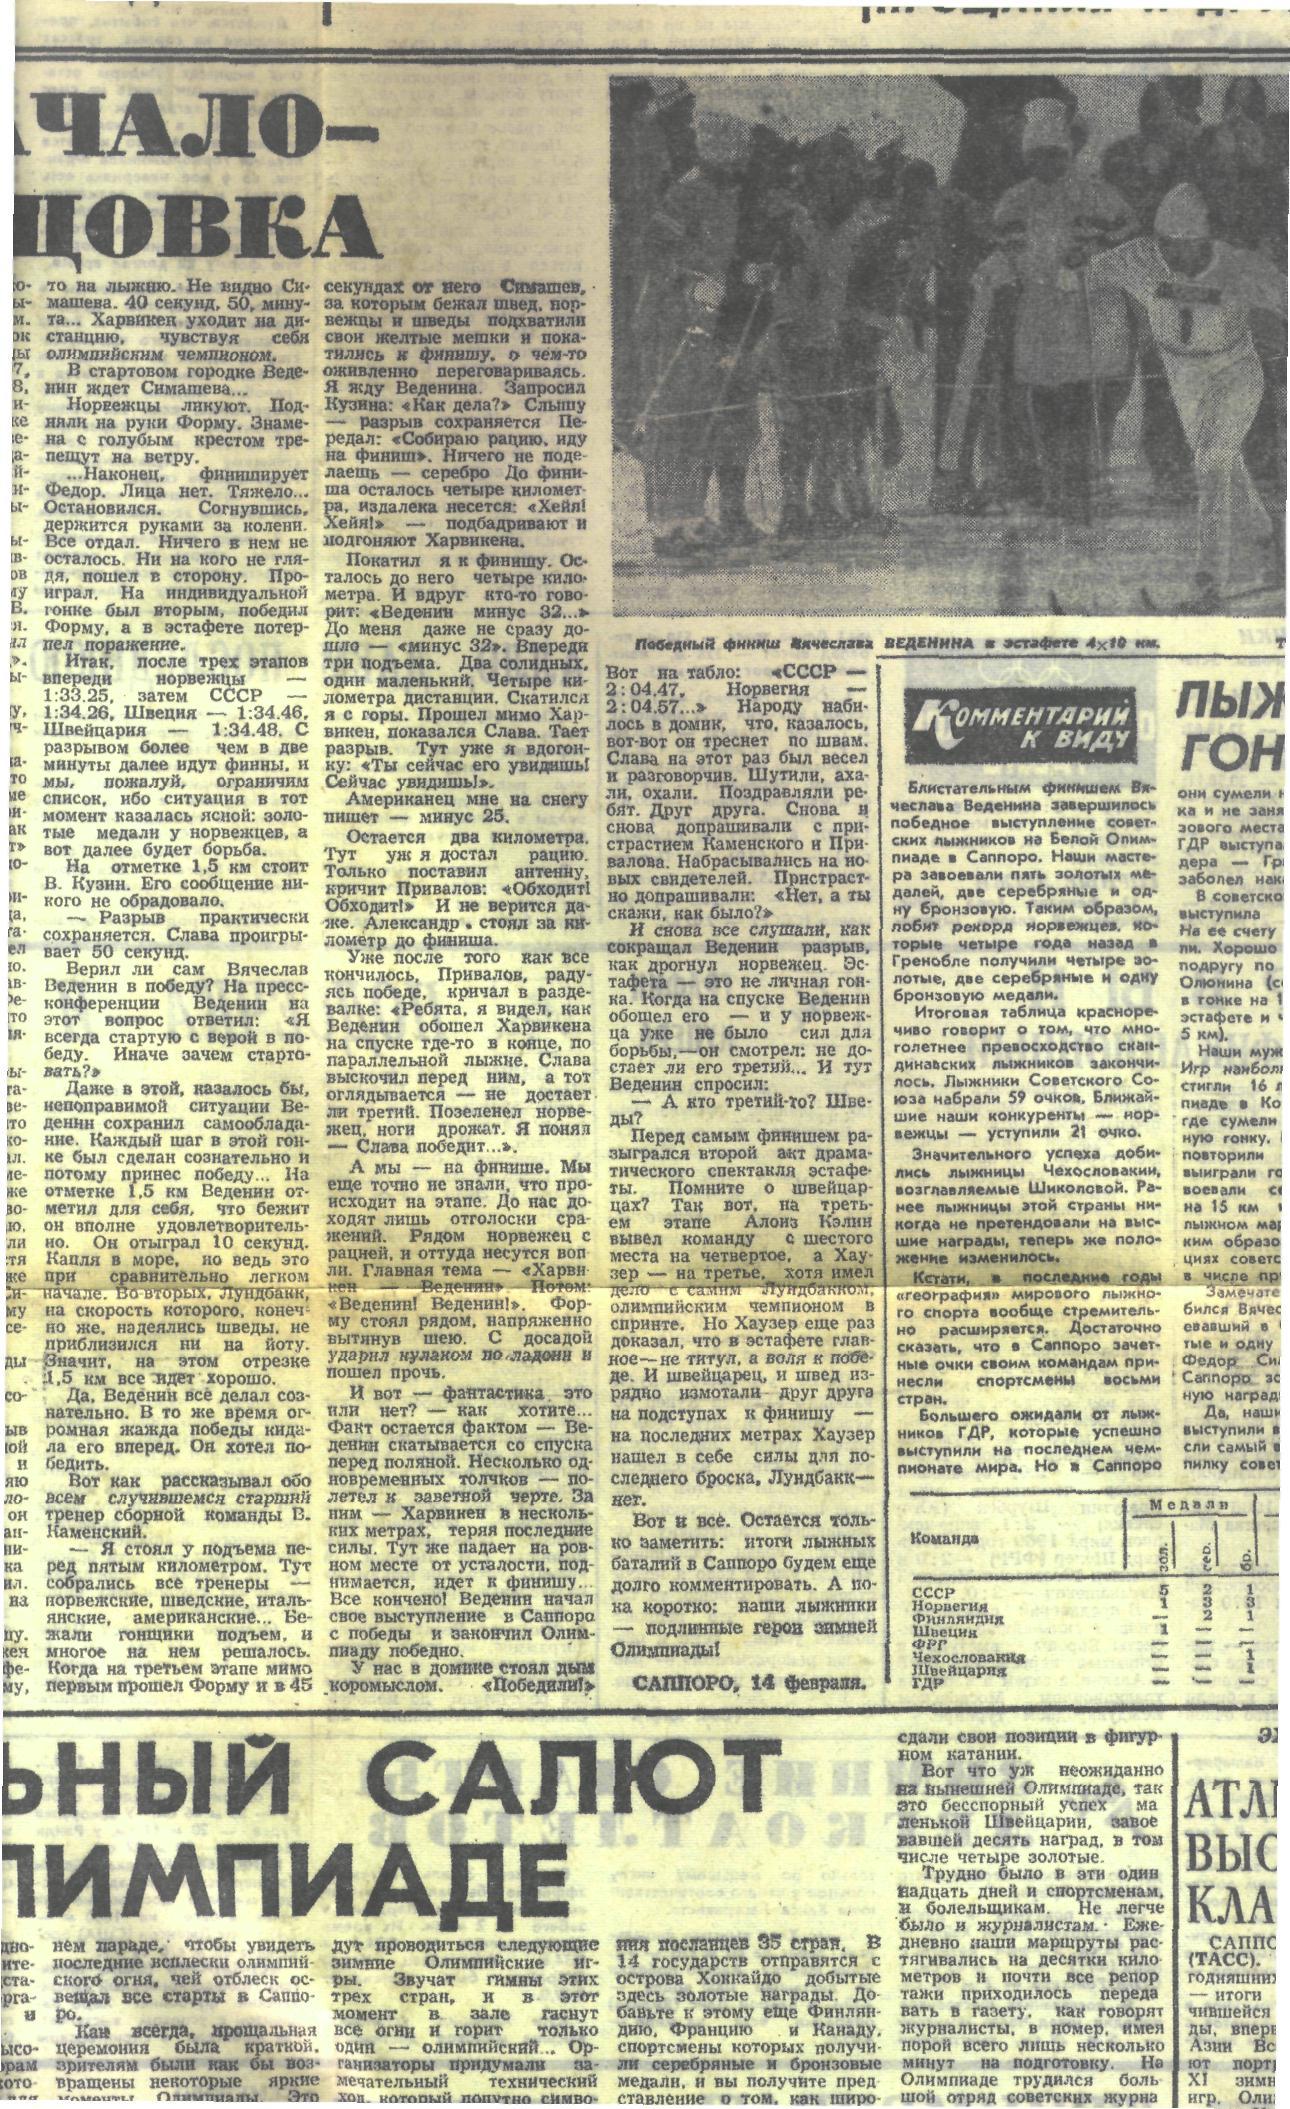 журнал крылья родины 1972 г